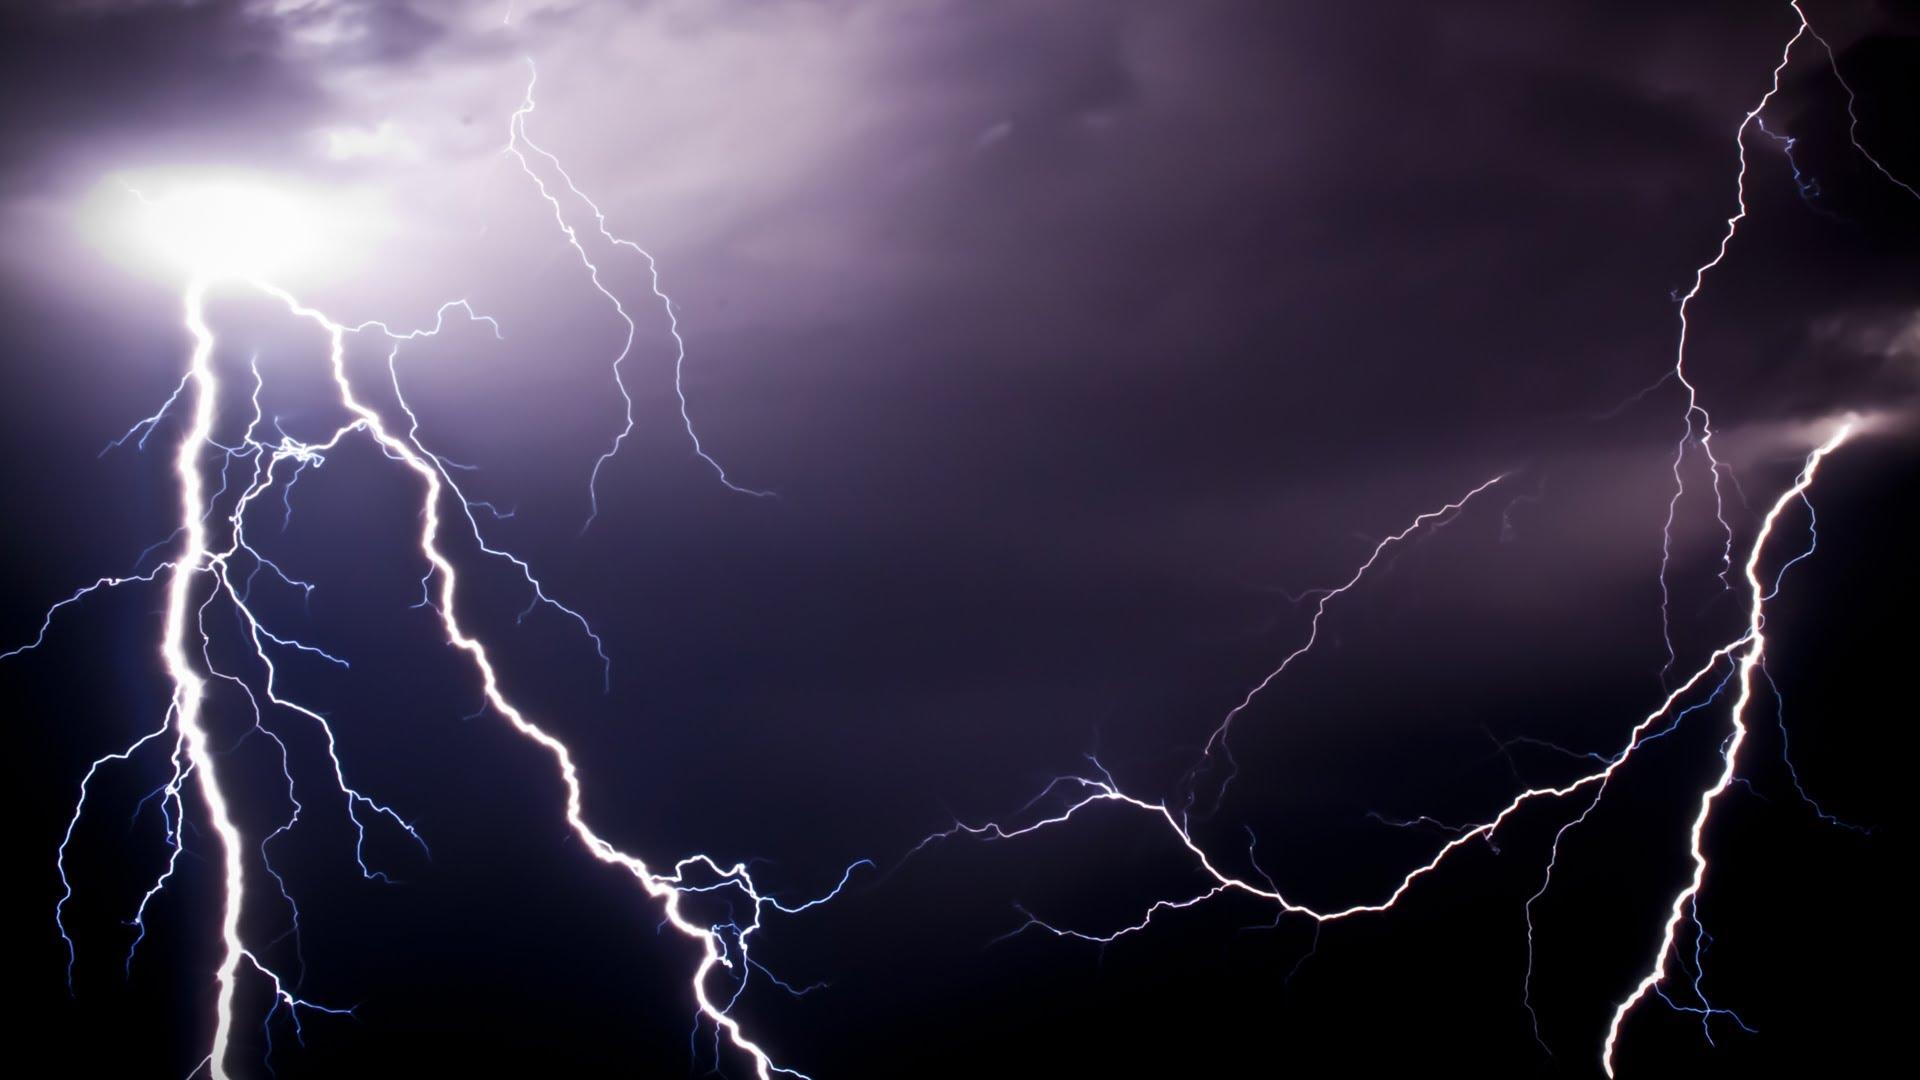 ВТатарстане 13апреля ожидаются штормовой ветер идождь